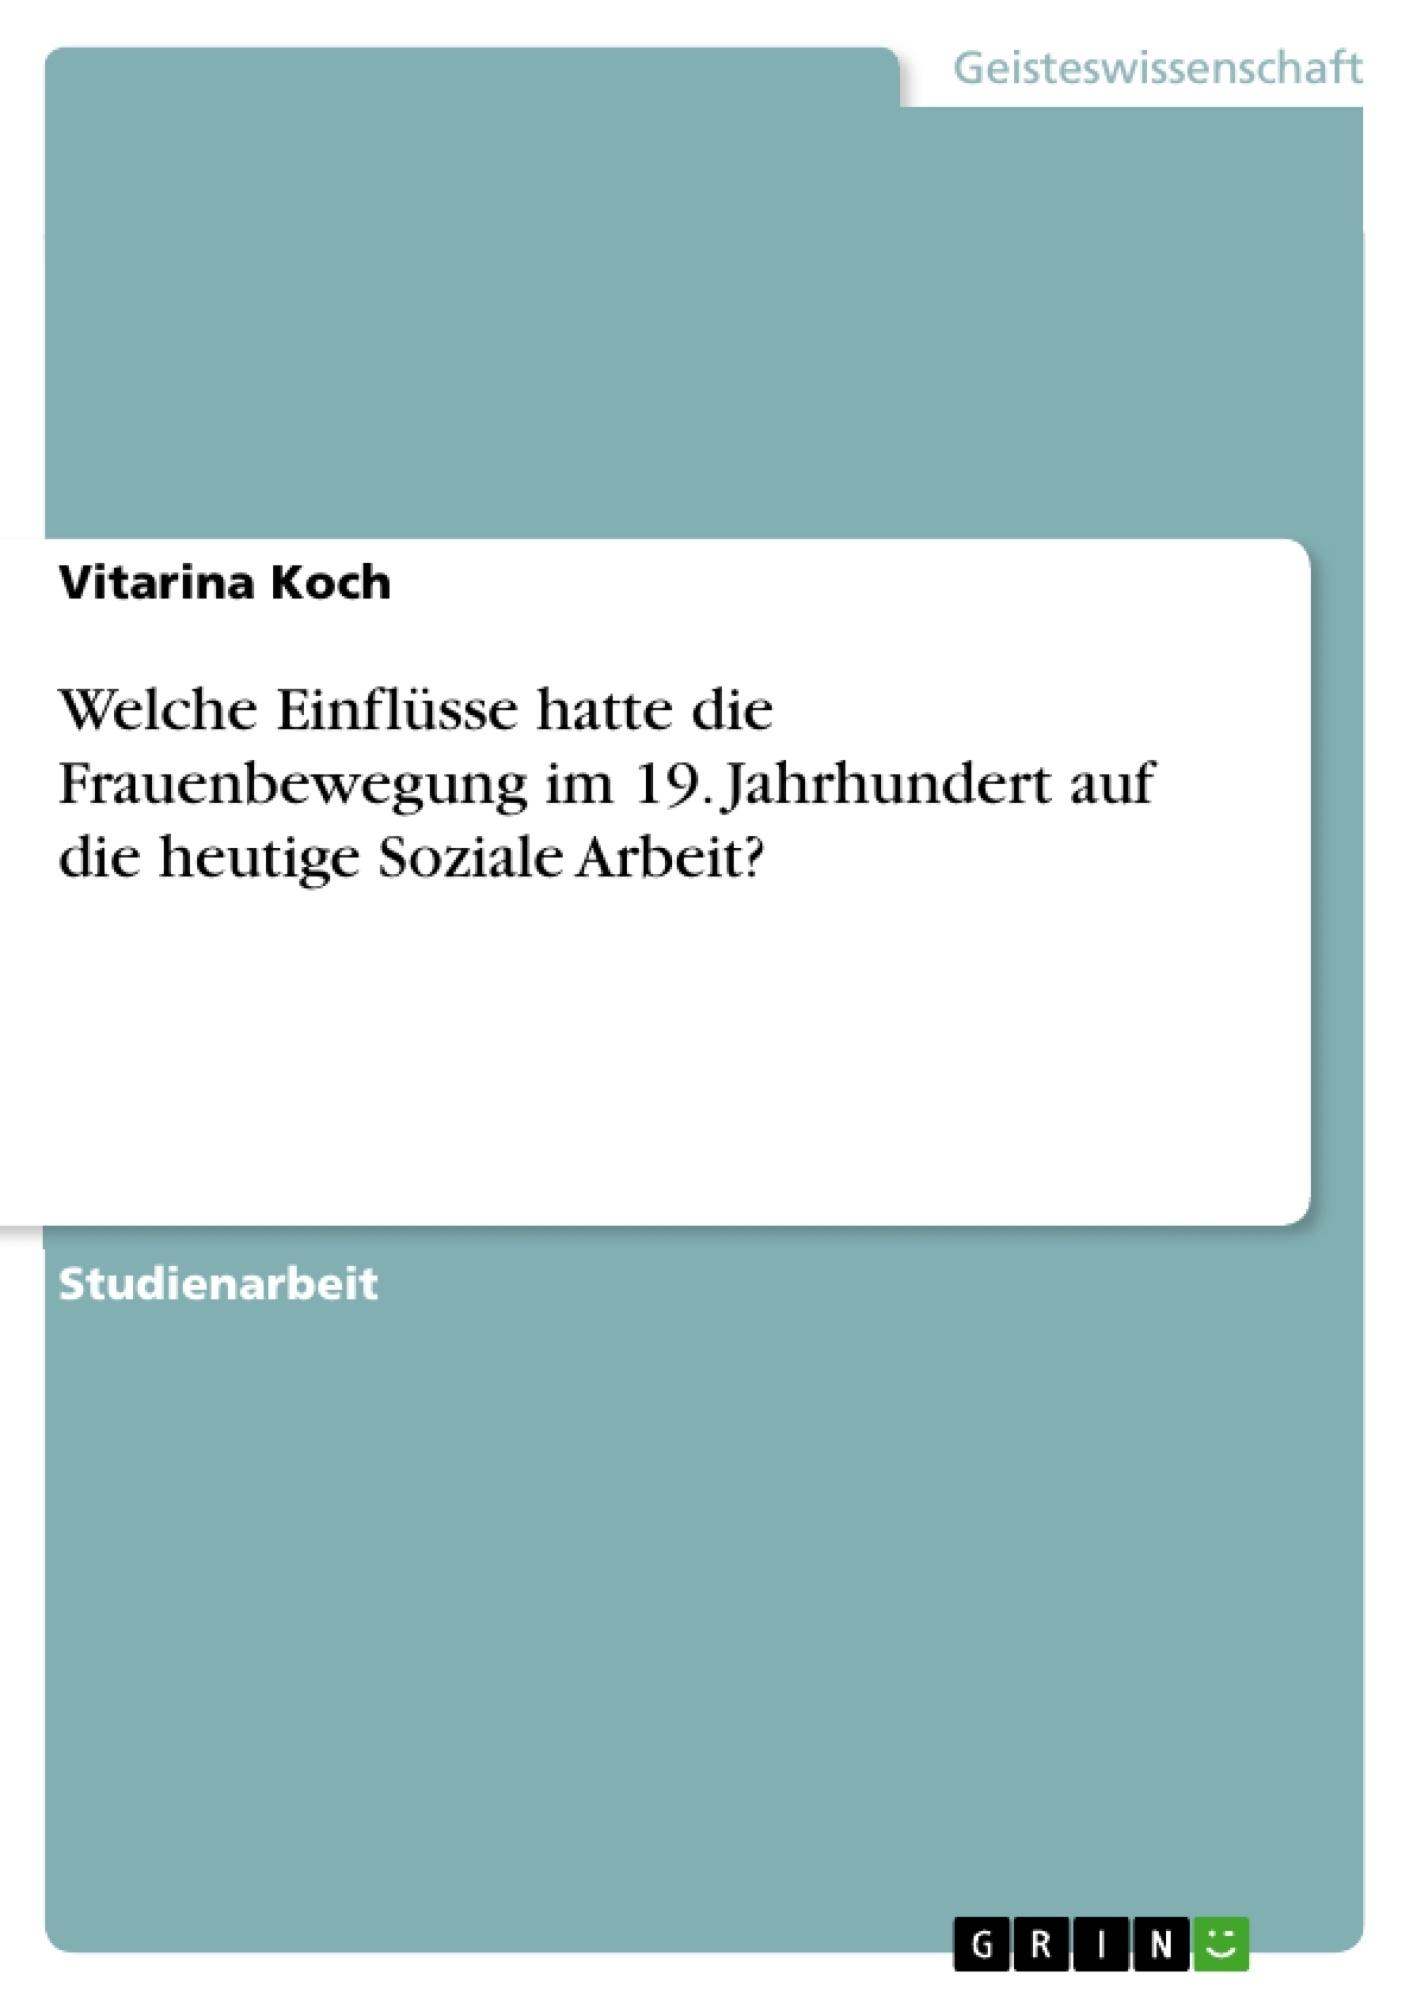 Titel: Welche Einflüsse hatte die Frauenbewegung im 19. Jahrhundert auf die heutige Soziale Arbeit?